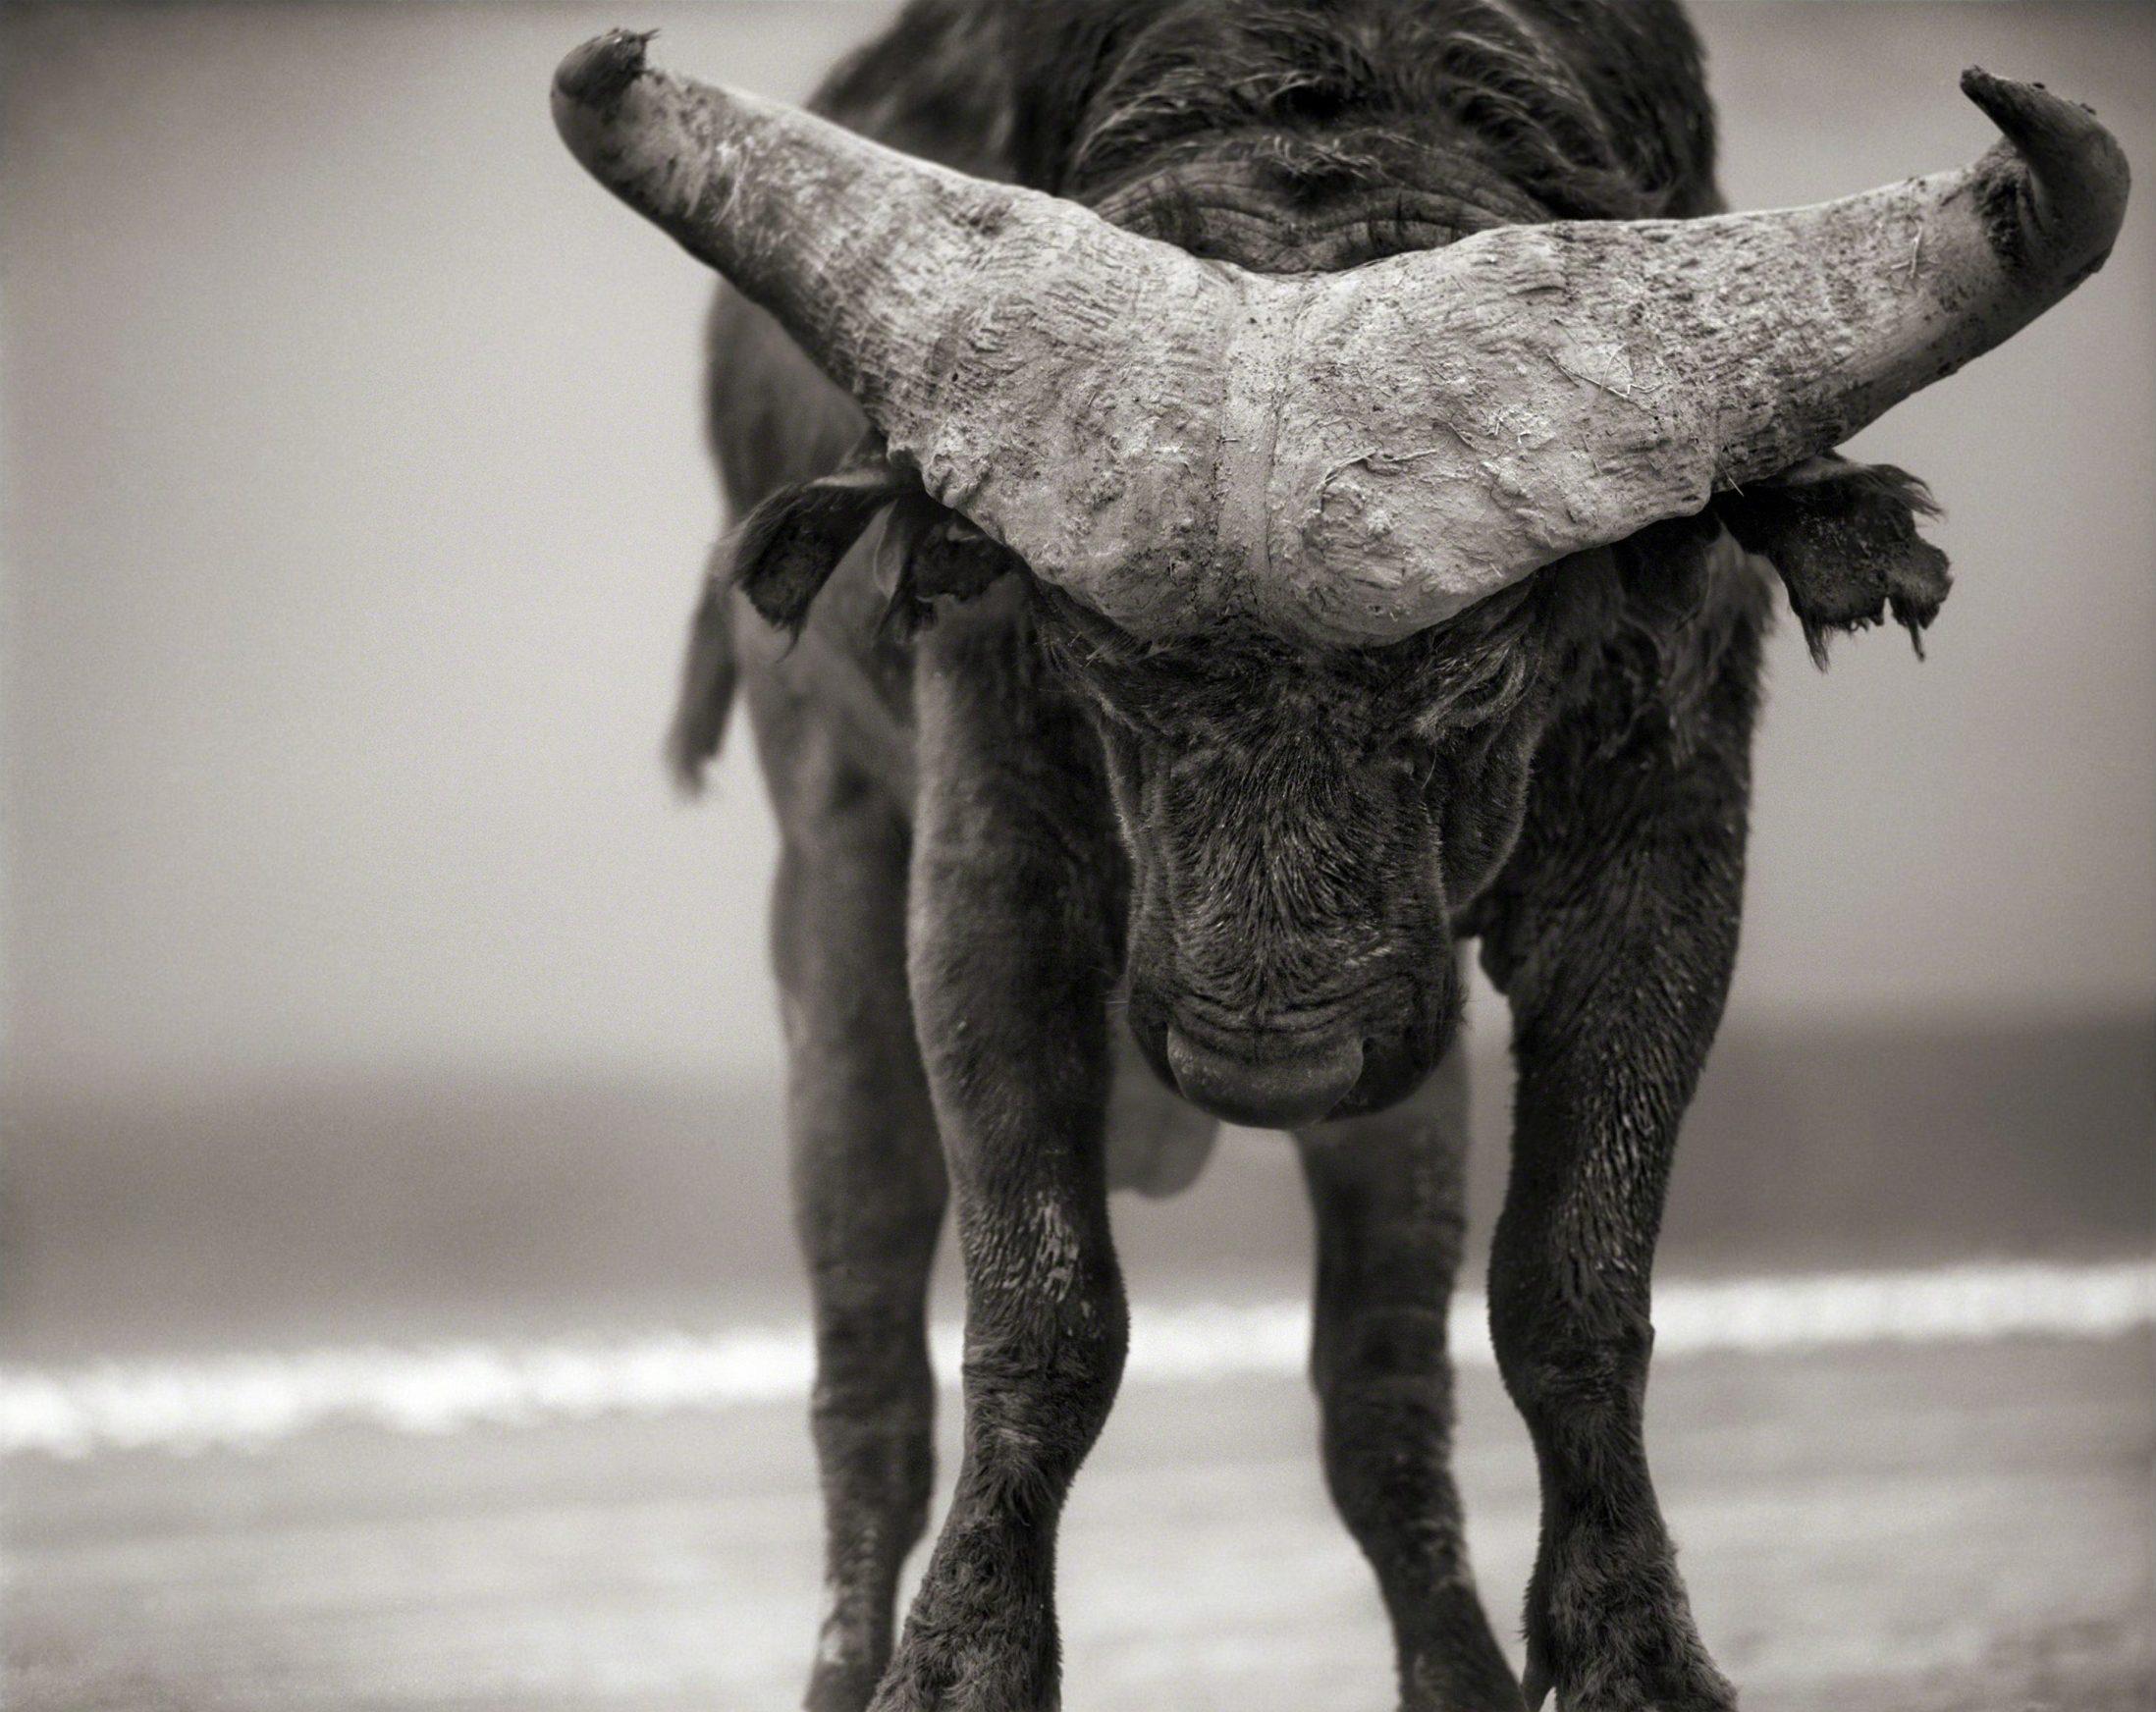 Buffalo with Lowered Head, Amboseli